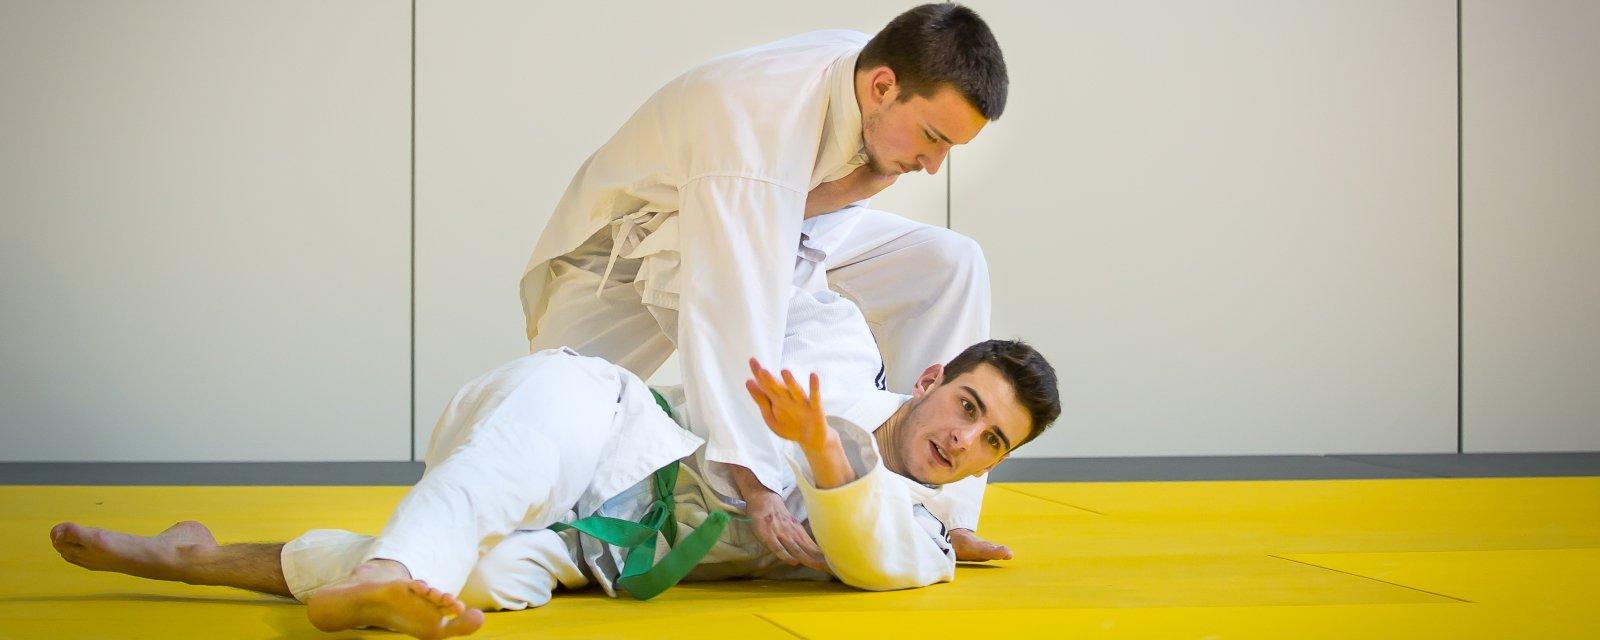 Débuter le judo : quel équipement prévoir?